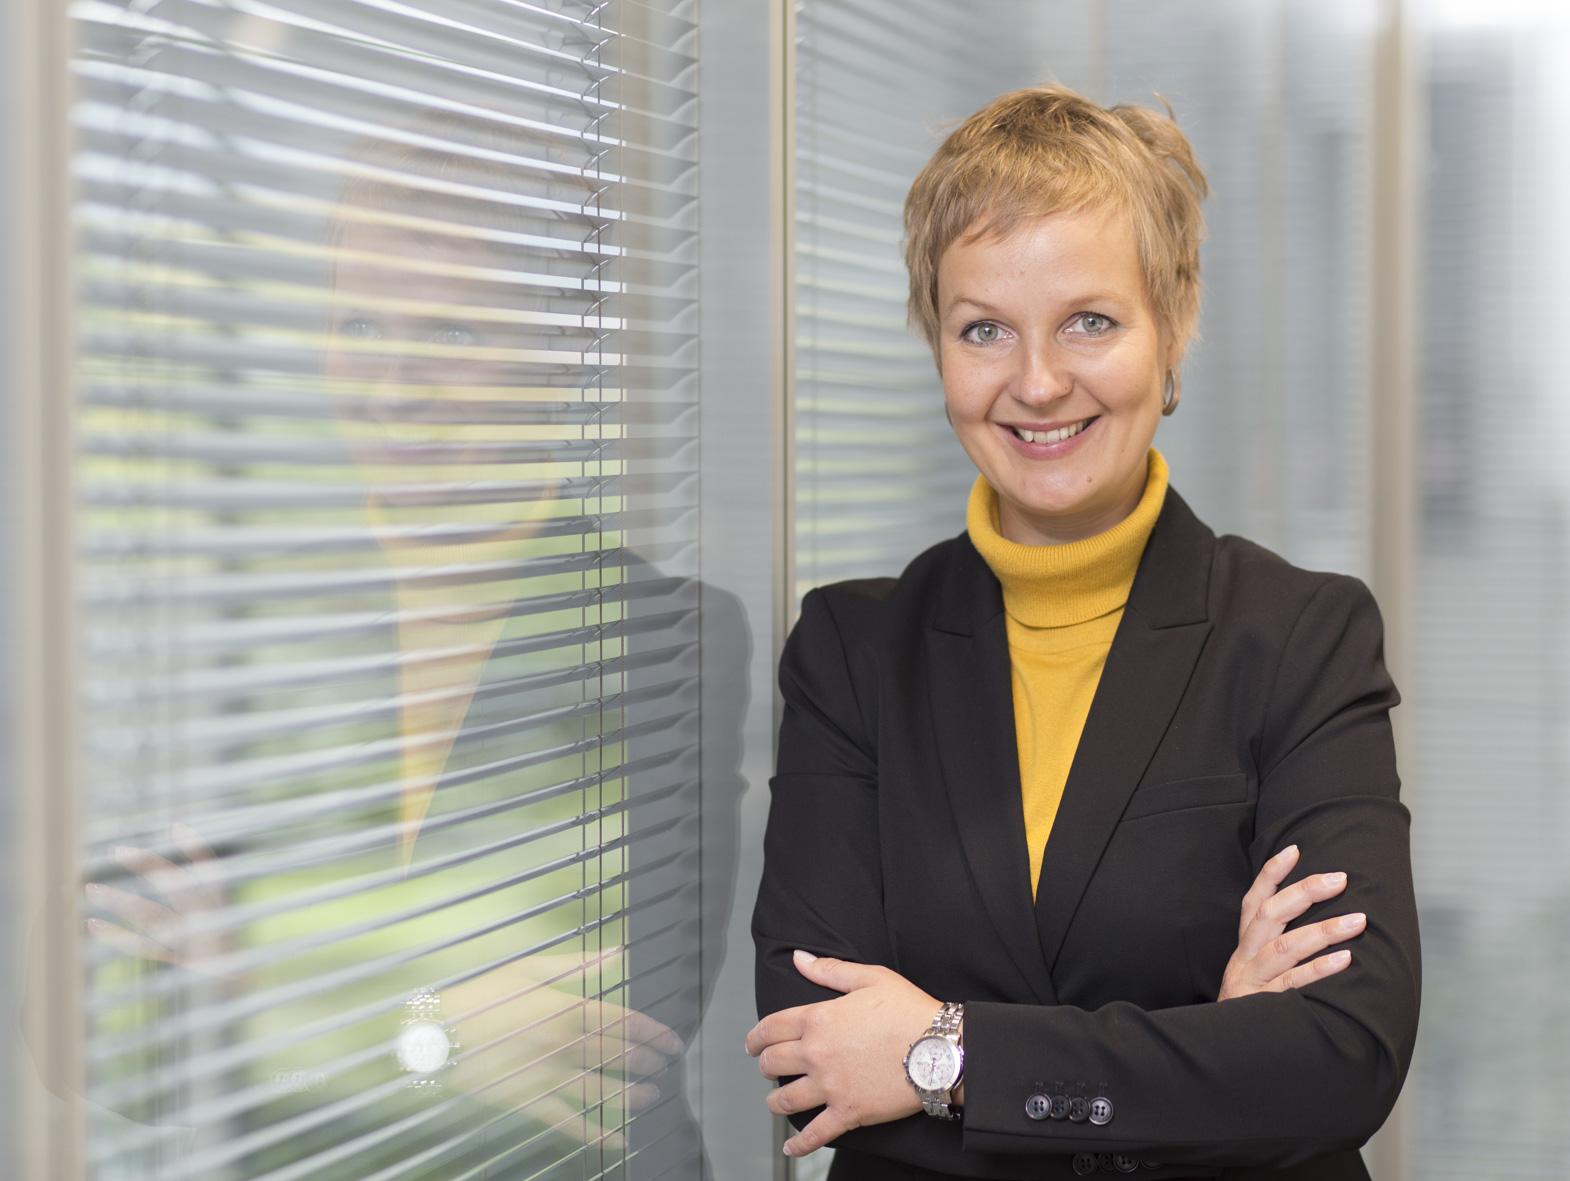 Sandr Kroning Mentor für internes und externes Marketing und Unternehmensentwicklung